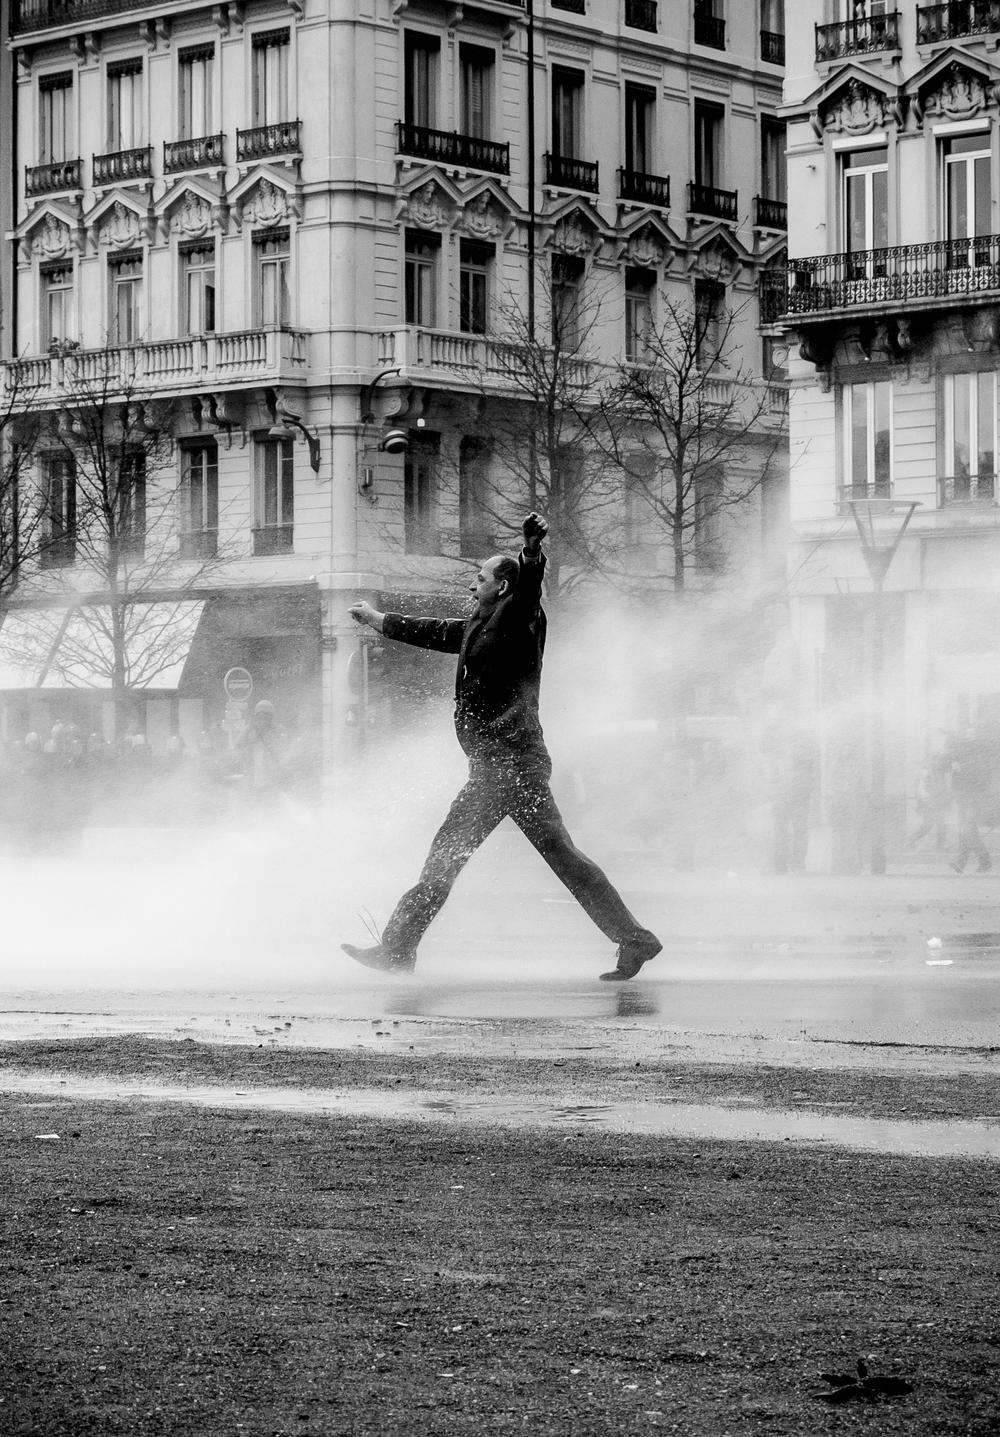 manifestation-loi-travail-31-mars-2016_25887939230_o.jpg